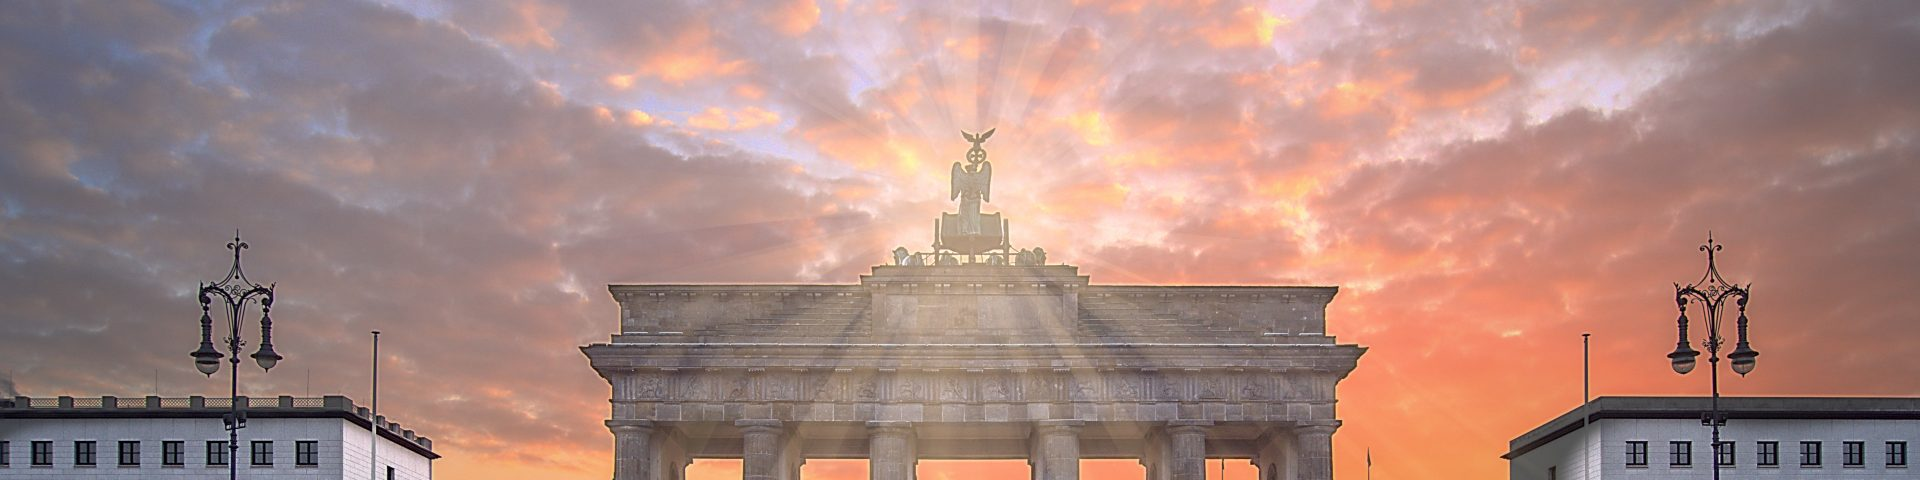 wo die Sonne zuerst aufgeht Berliner Tor